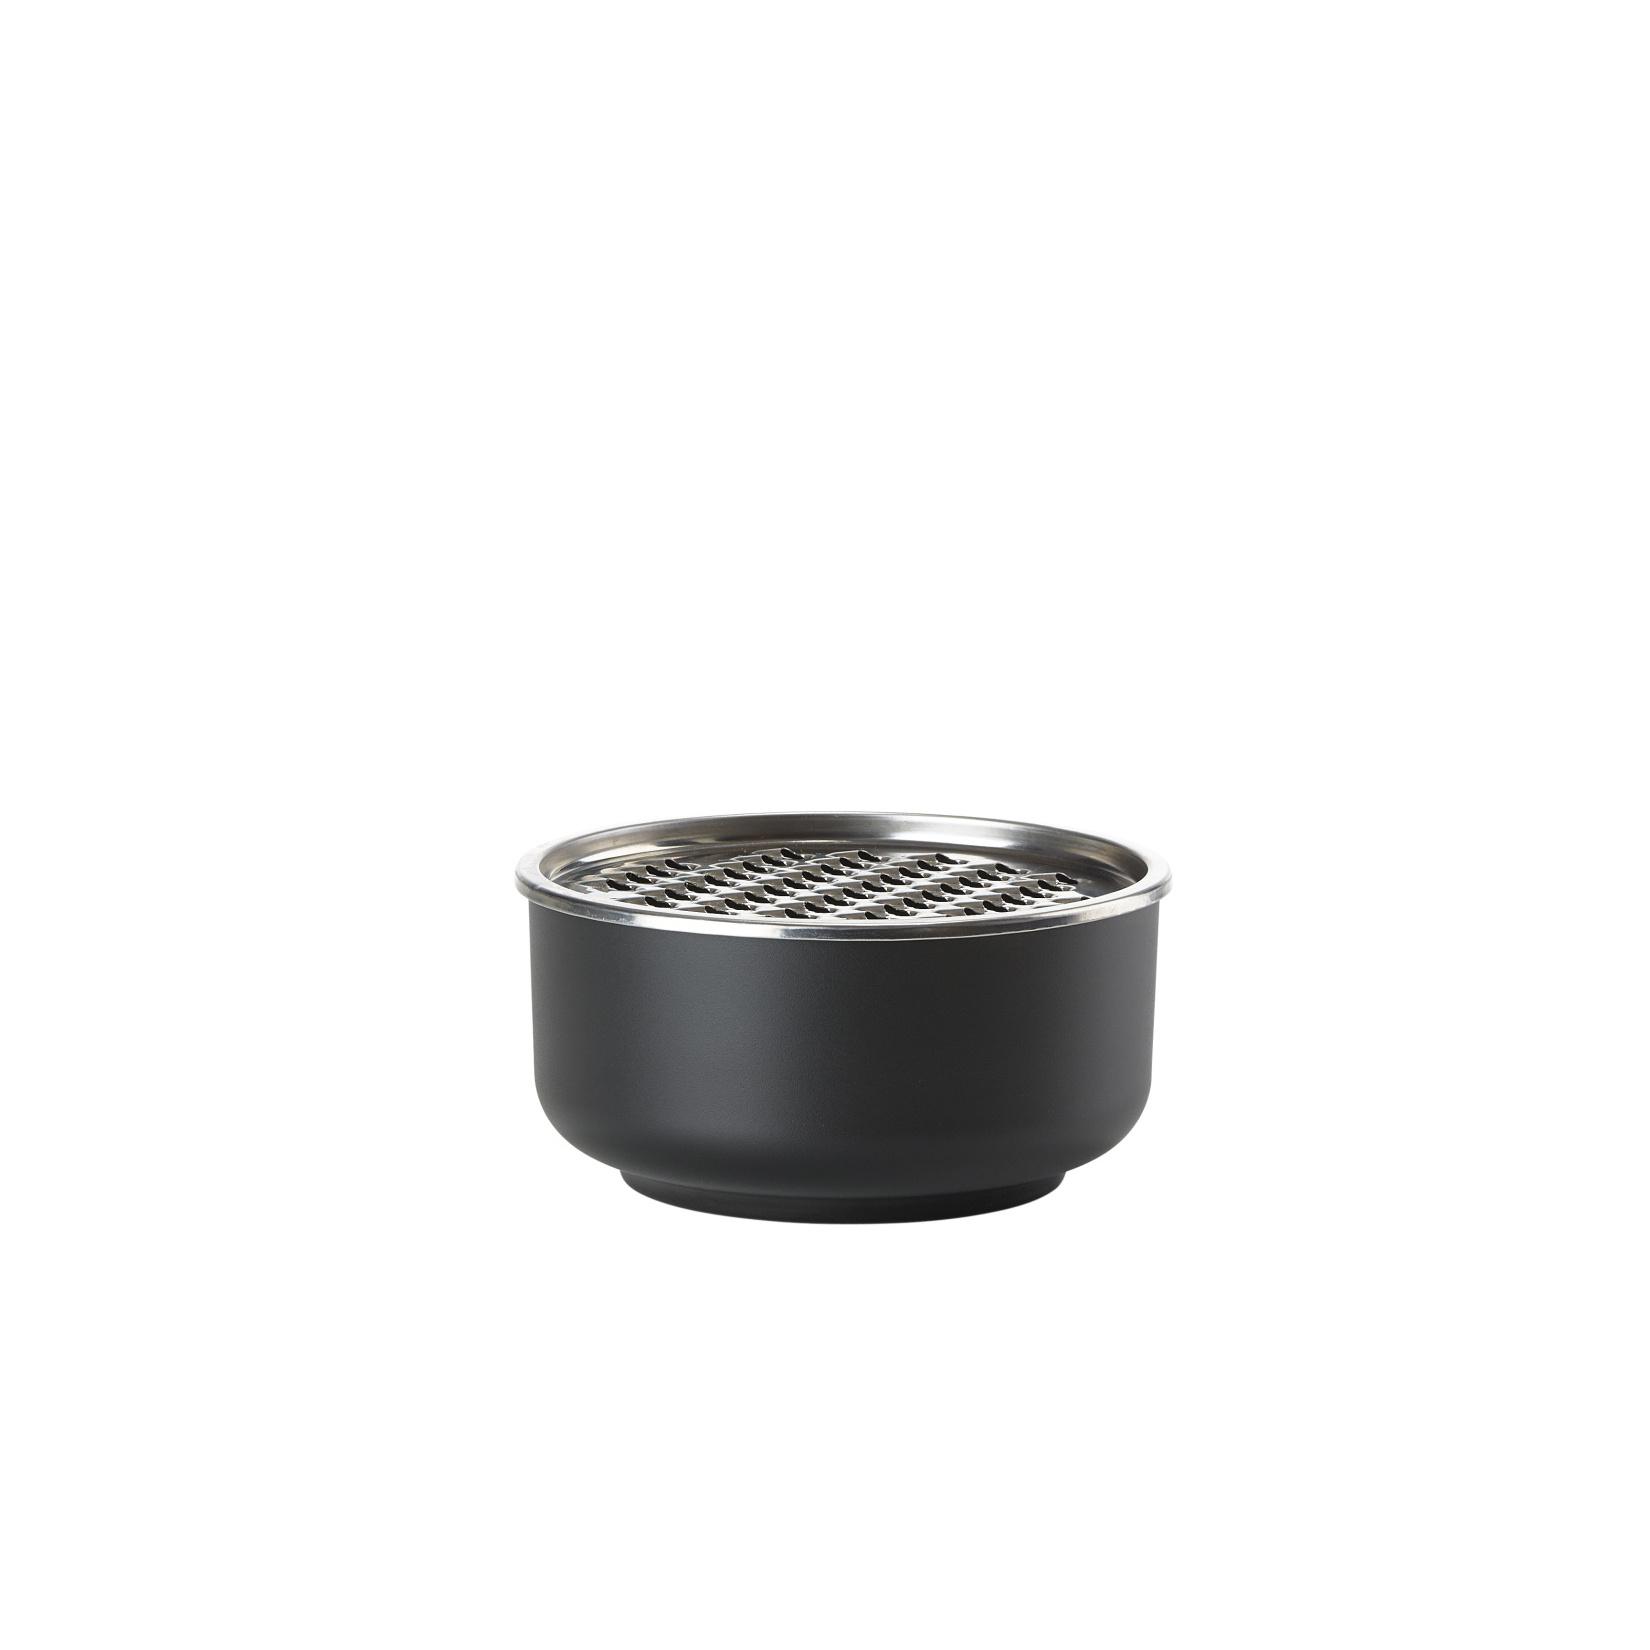 Servírovací mísa se struhadlem 1 l, černá, Peili - Zone Denmark